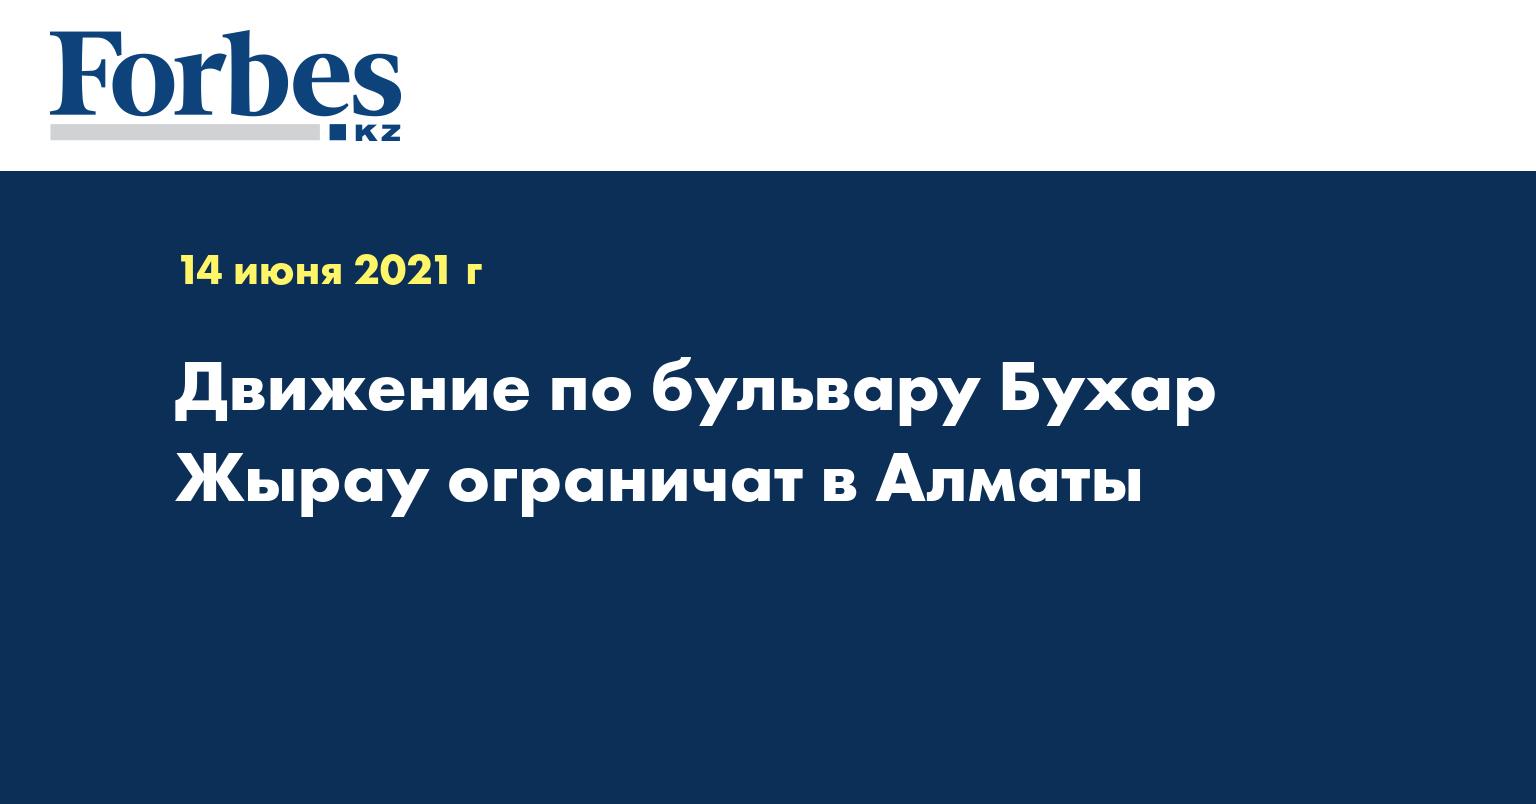 Движение по бульвару Бухар Жырау ограничат в Алматы